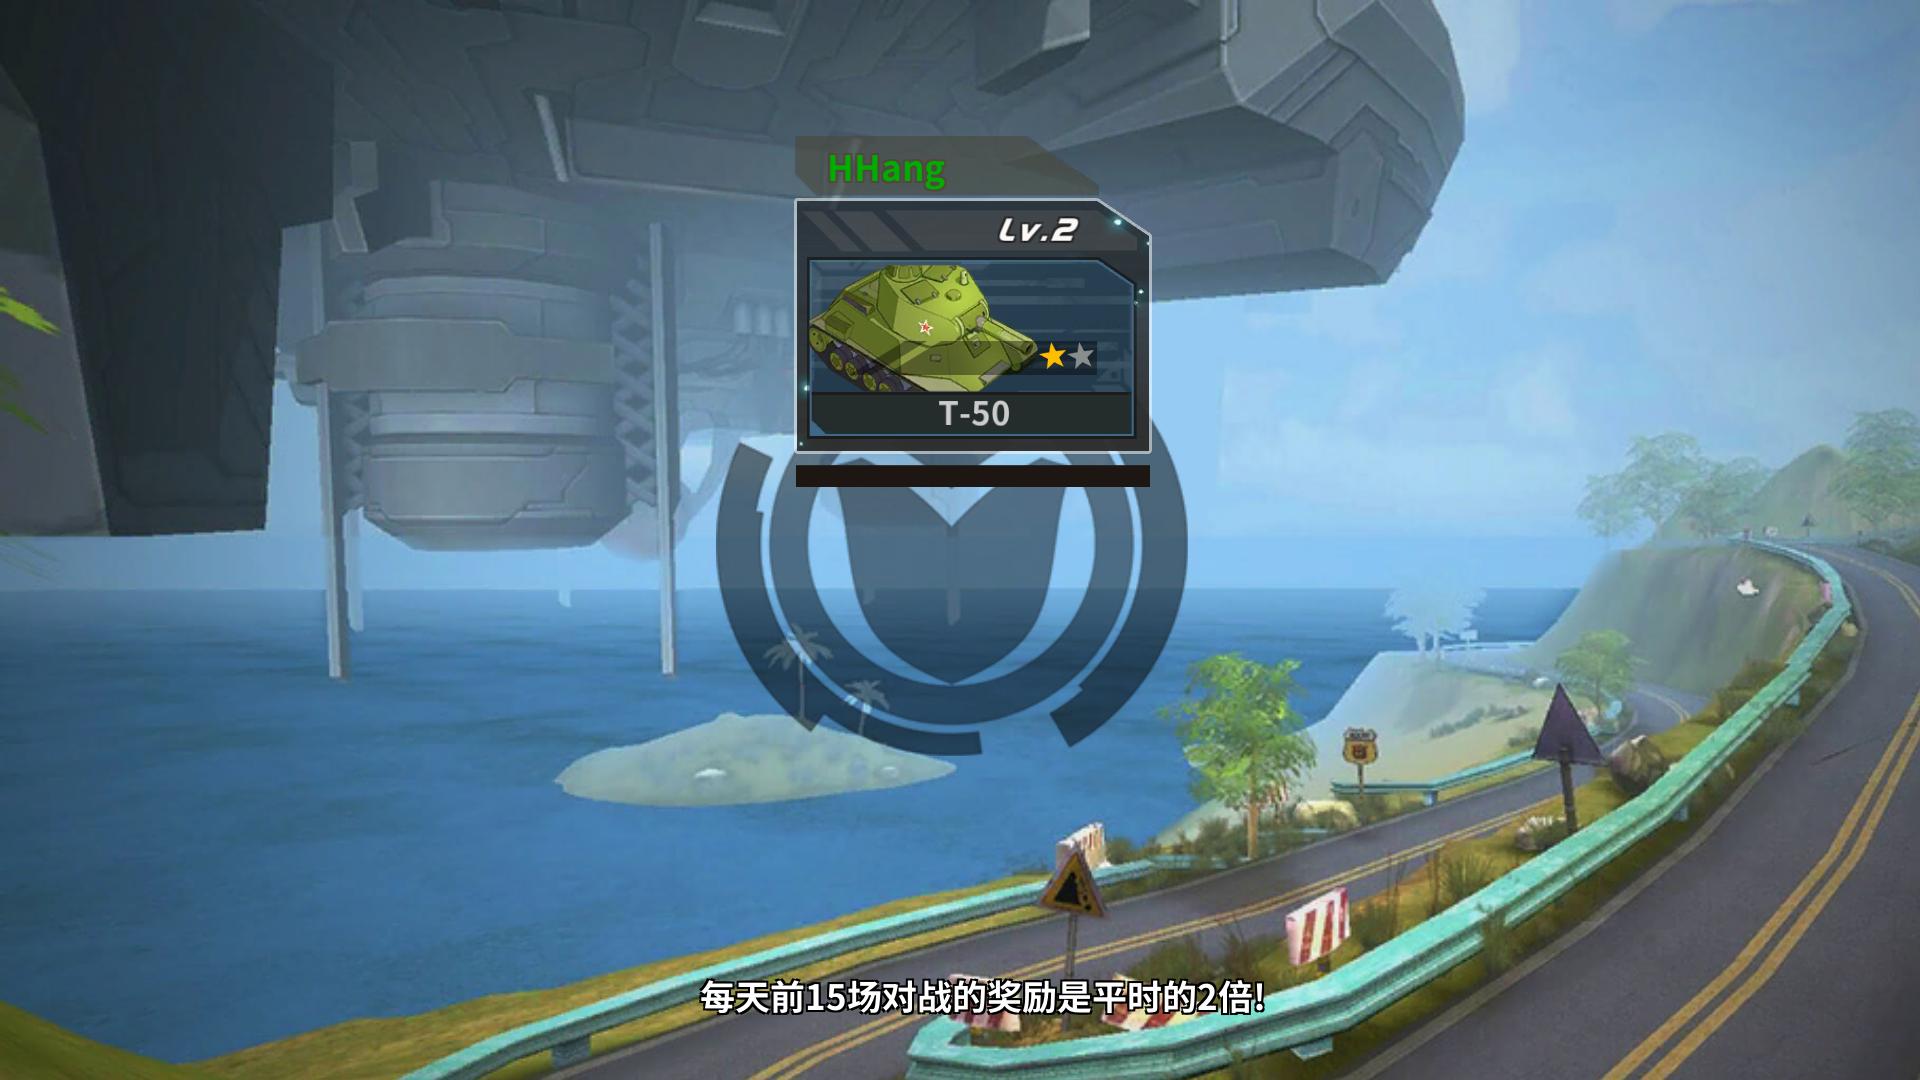 《装甲联盟》游戏截图UI欣赏32